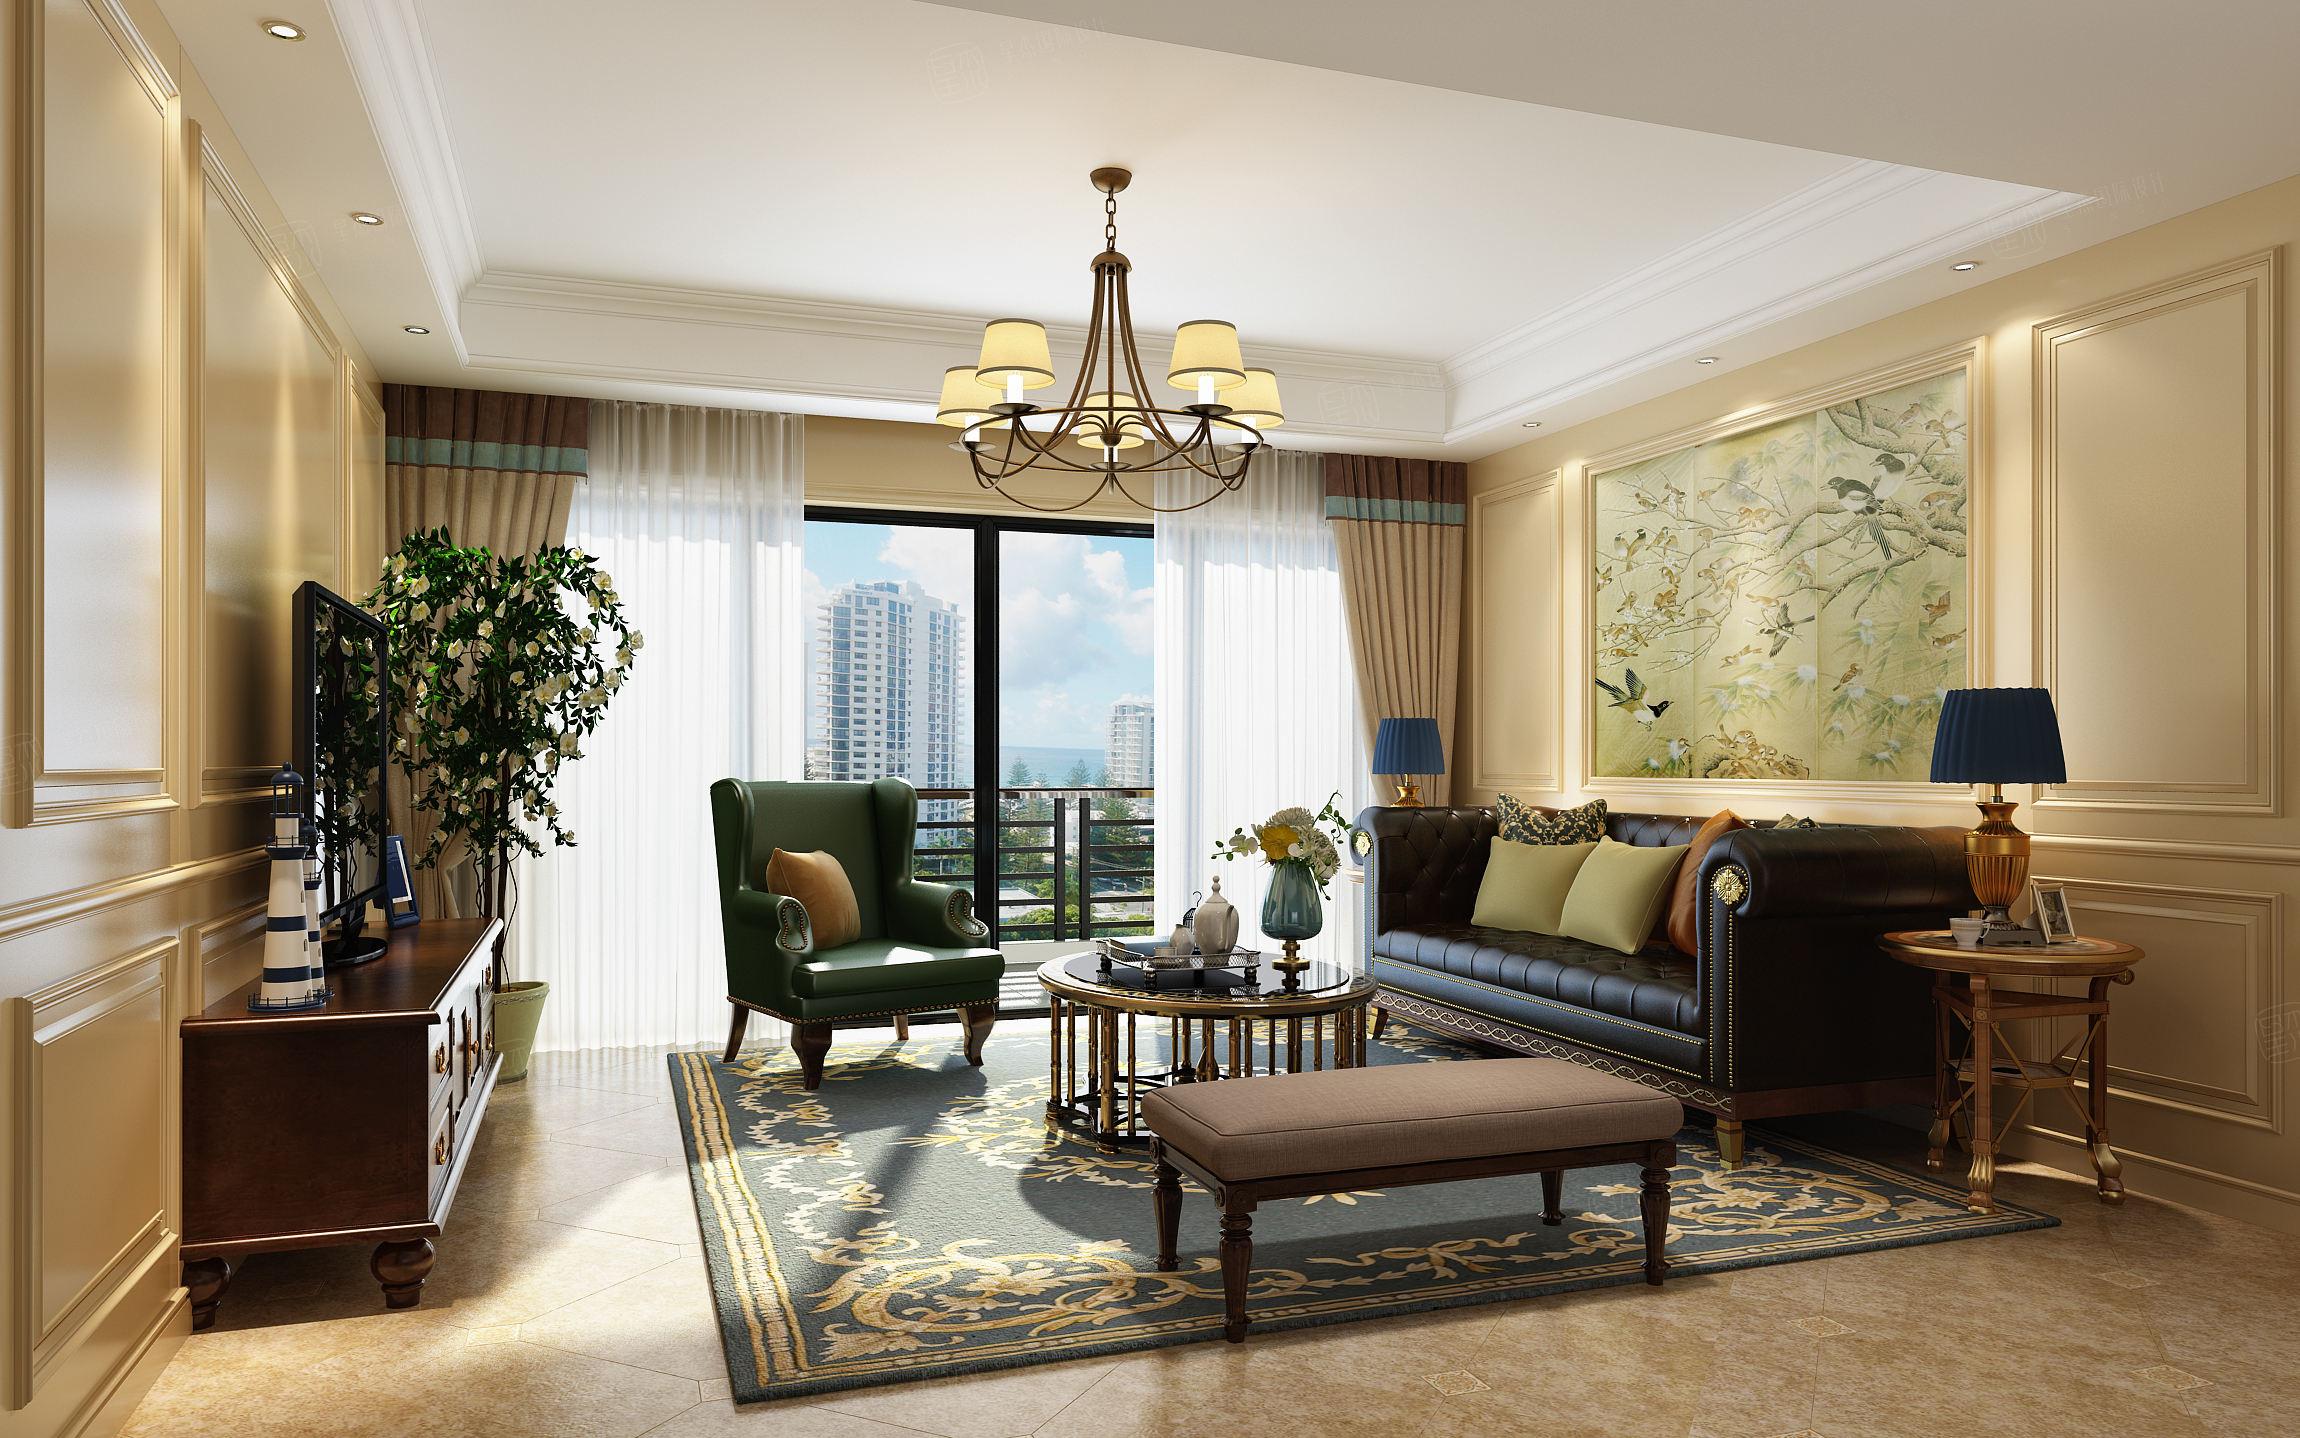 尚海郦景 美式装修客厅效果图